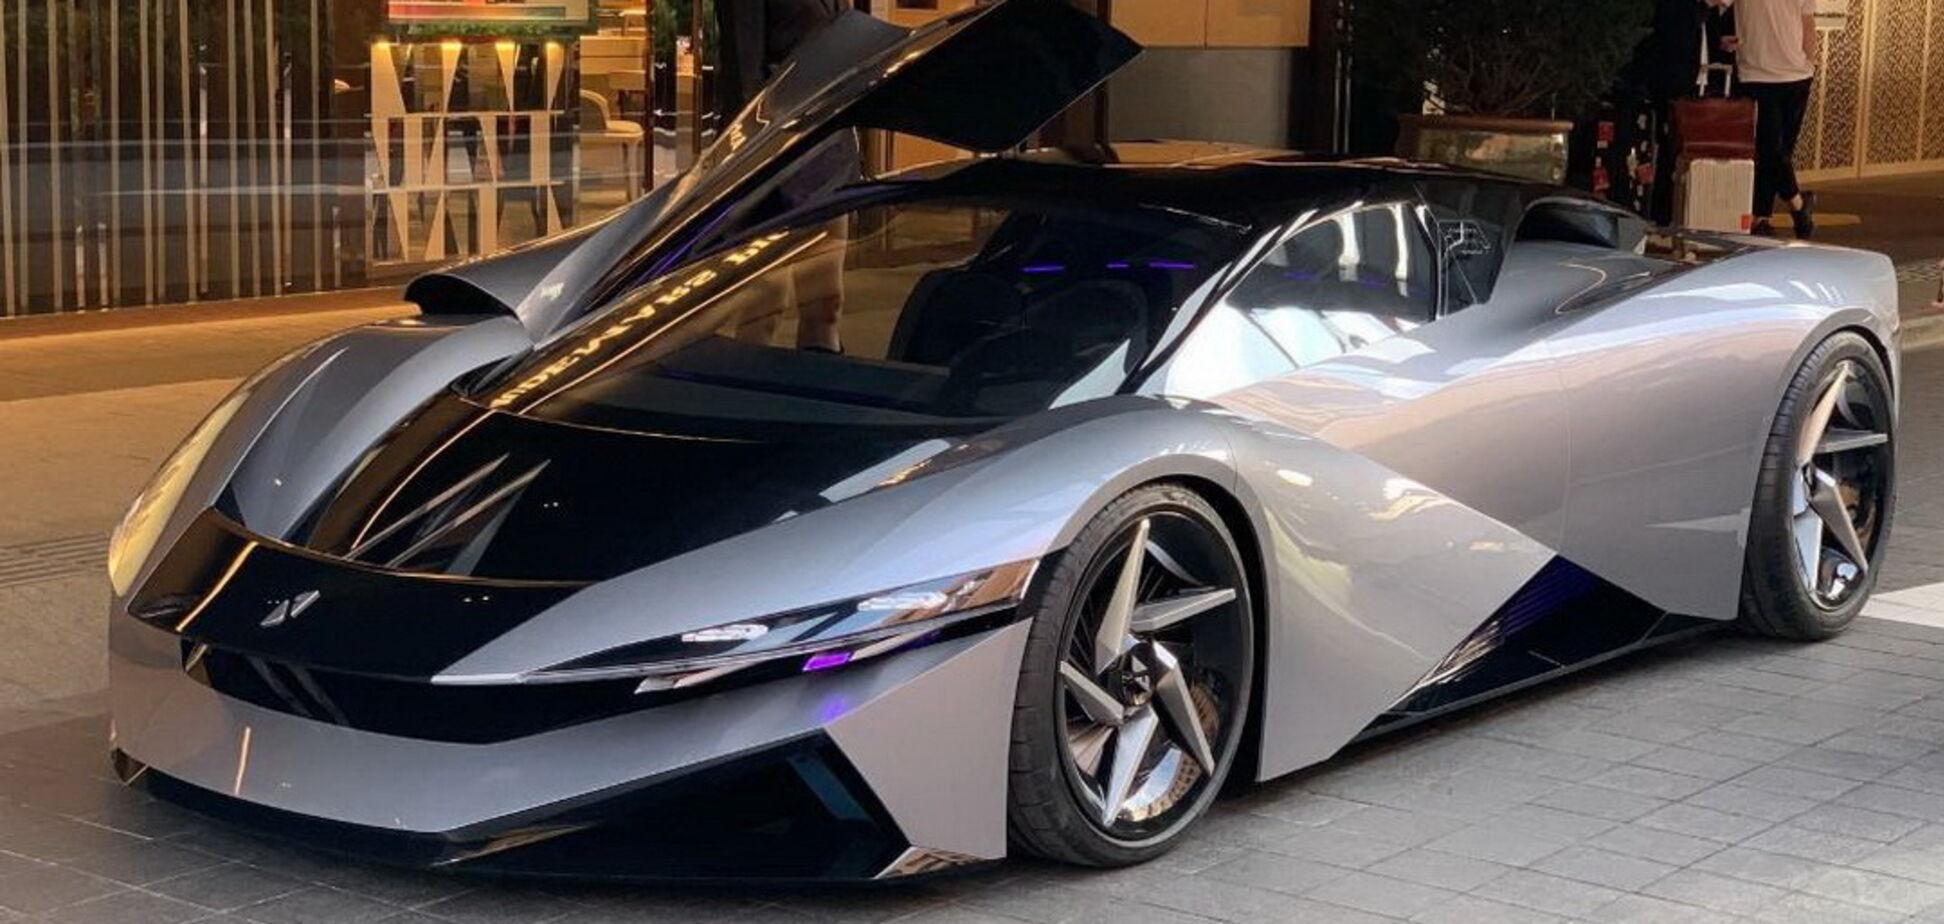 Суперкар Farnova Othello обіцяють розігнати до 420 км/год